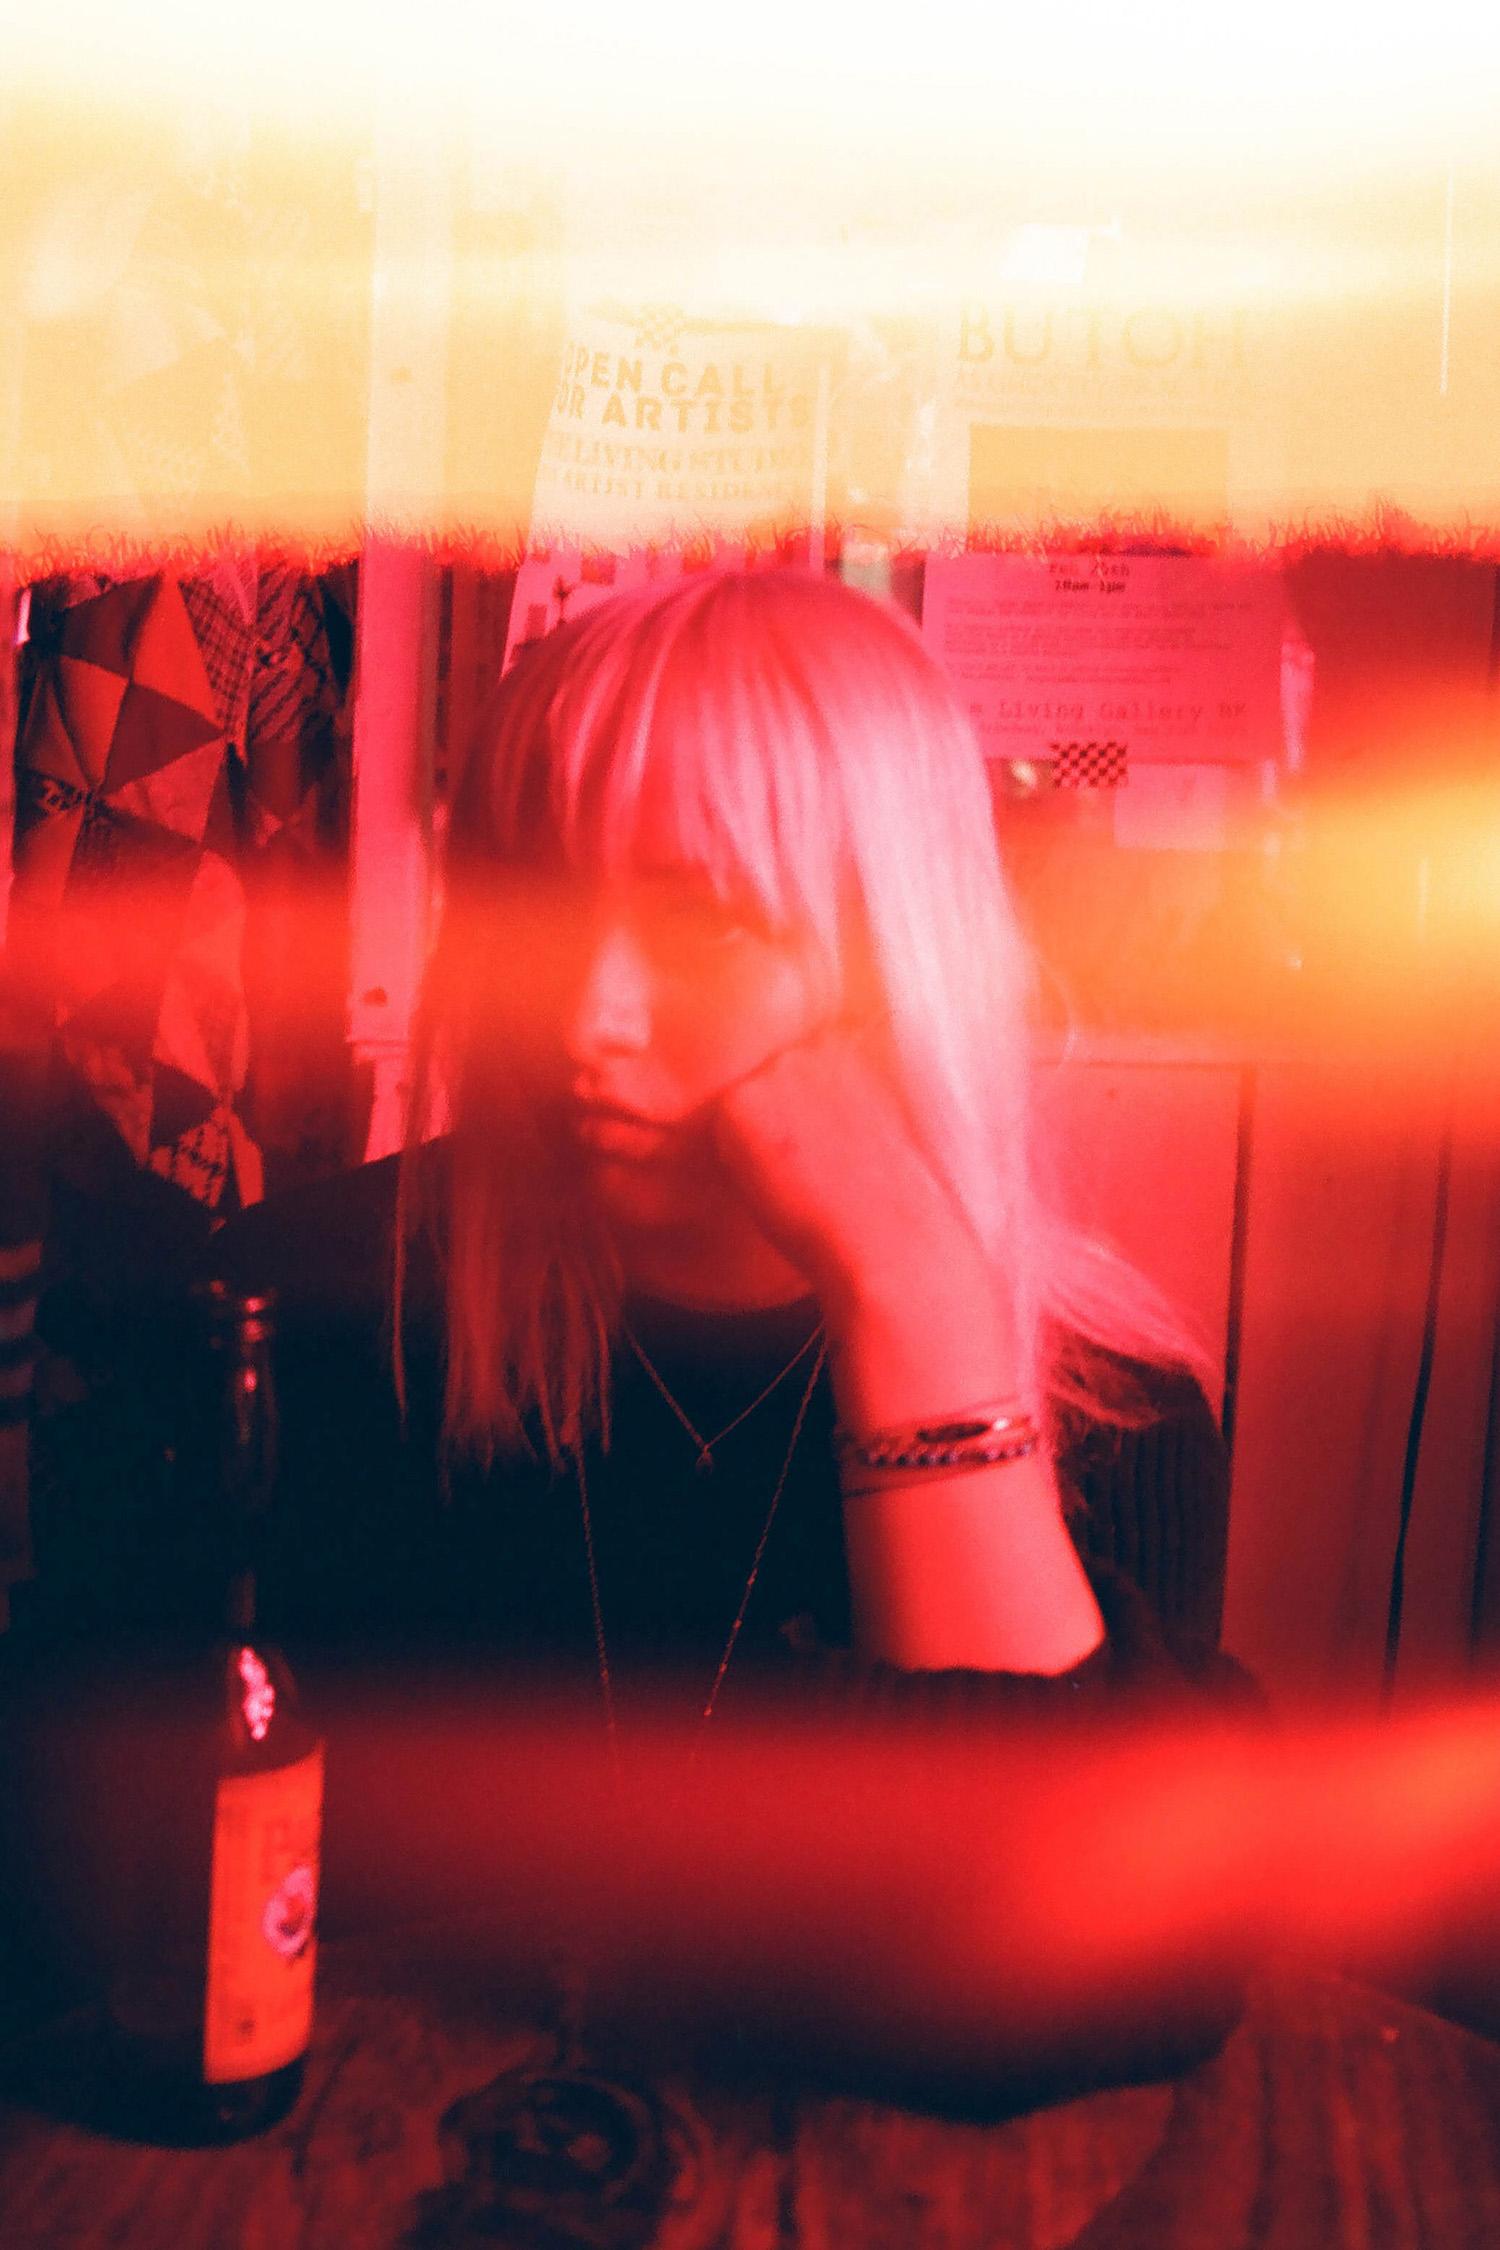 RachelCabitt_03 - Rachel Cabitt.jpg